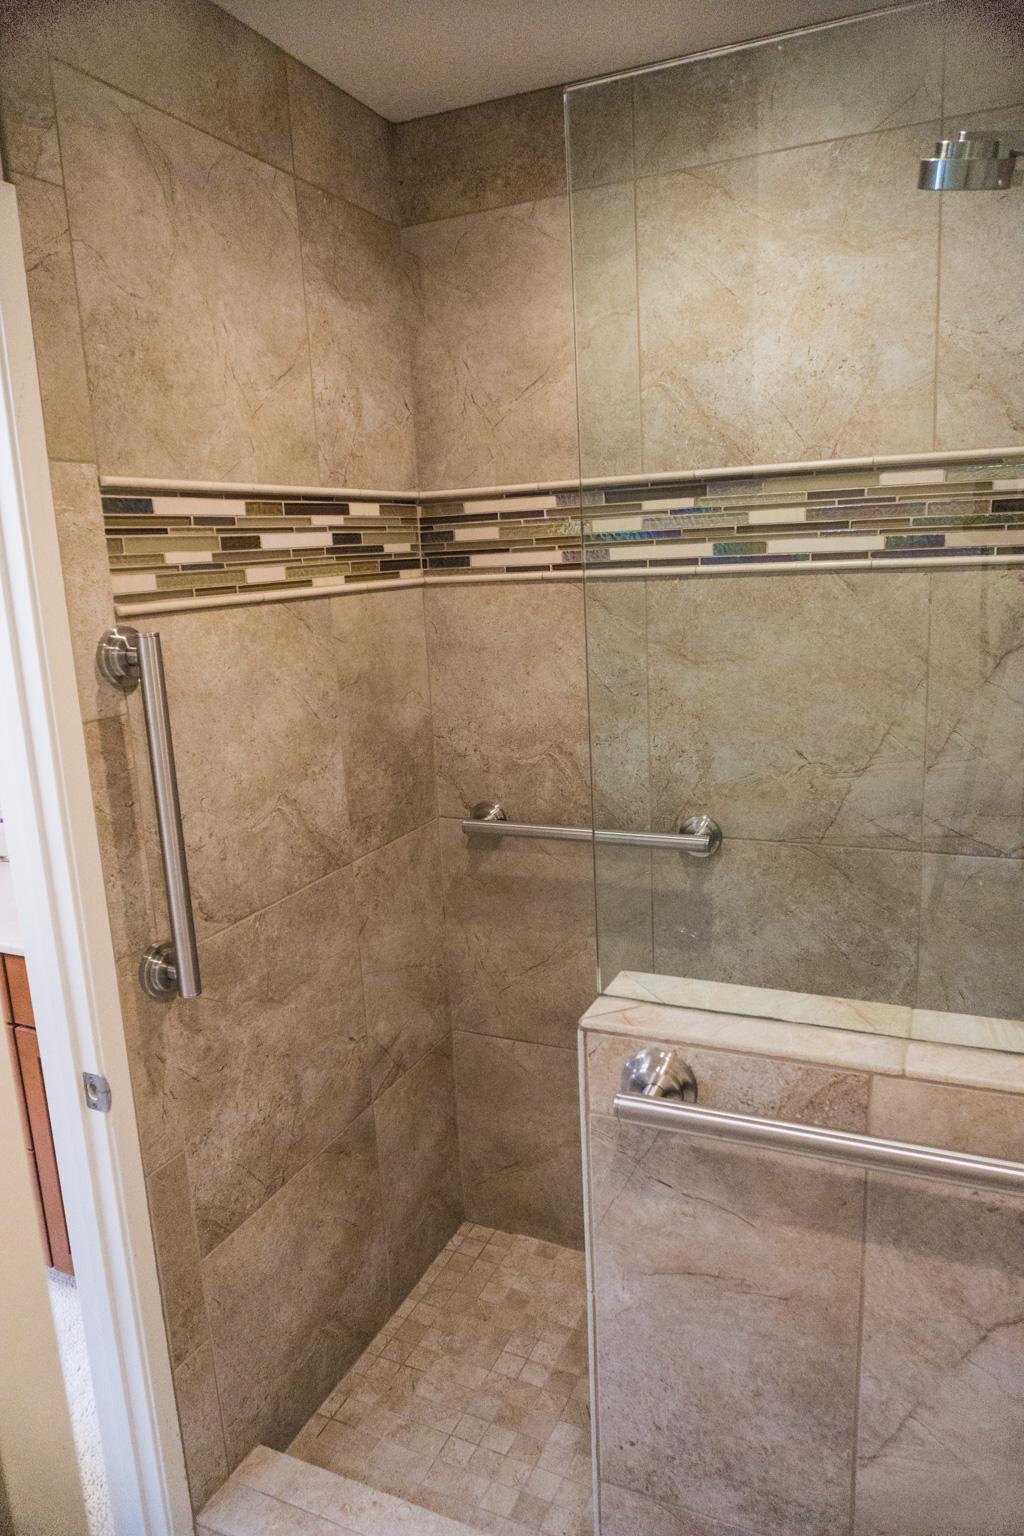 Condo Modern Kitchen Baths Remodel Danilo Nesovic Designer Builder Kitchen Bath